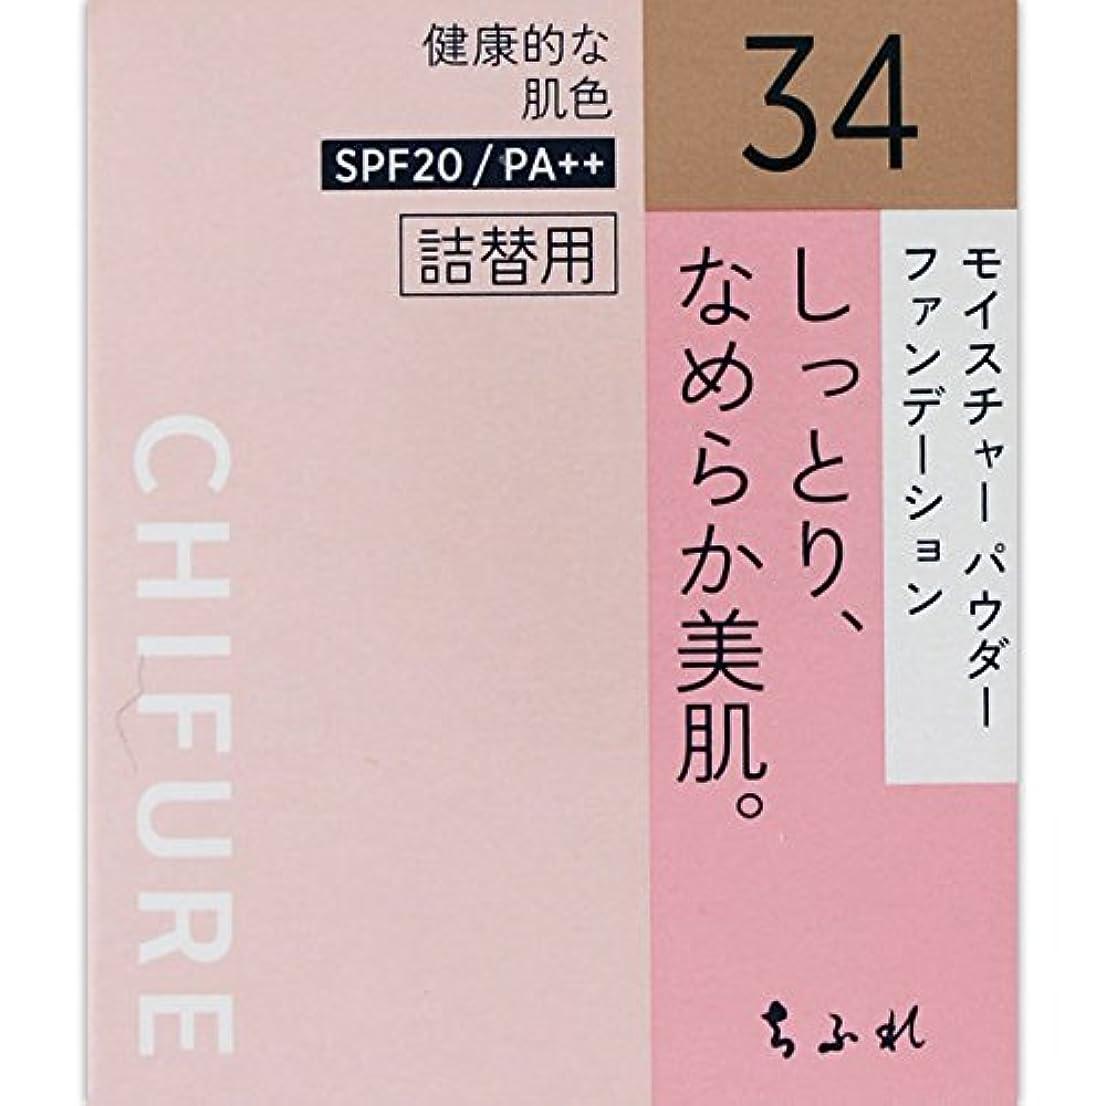 追跡選択する王位ちふれ化粧品 モイスチャー パウダーファンデーション 詰替用 オークル系 MパウダーFD詰替用34